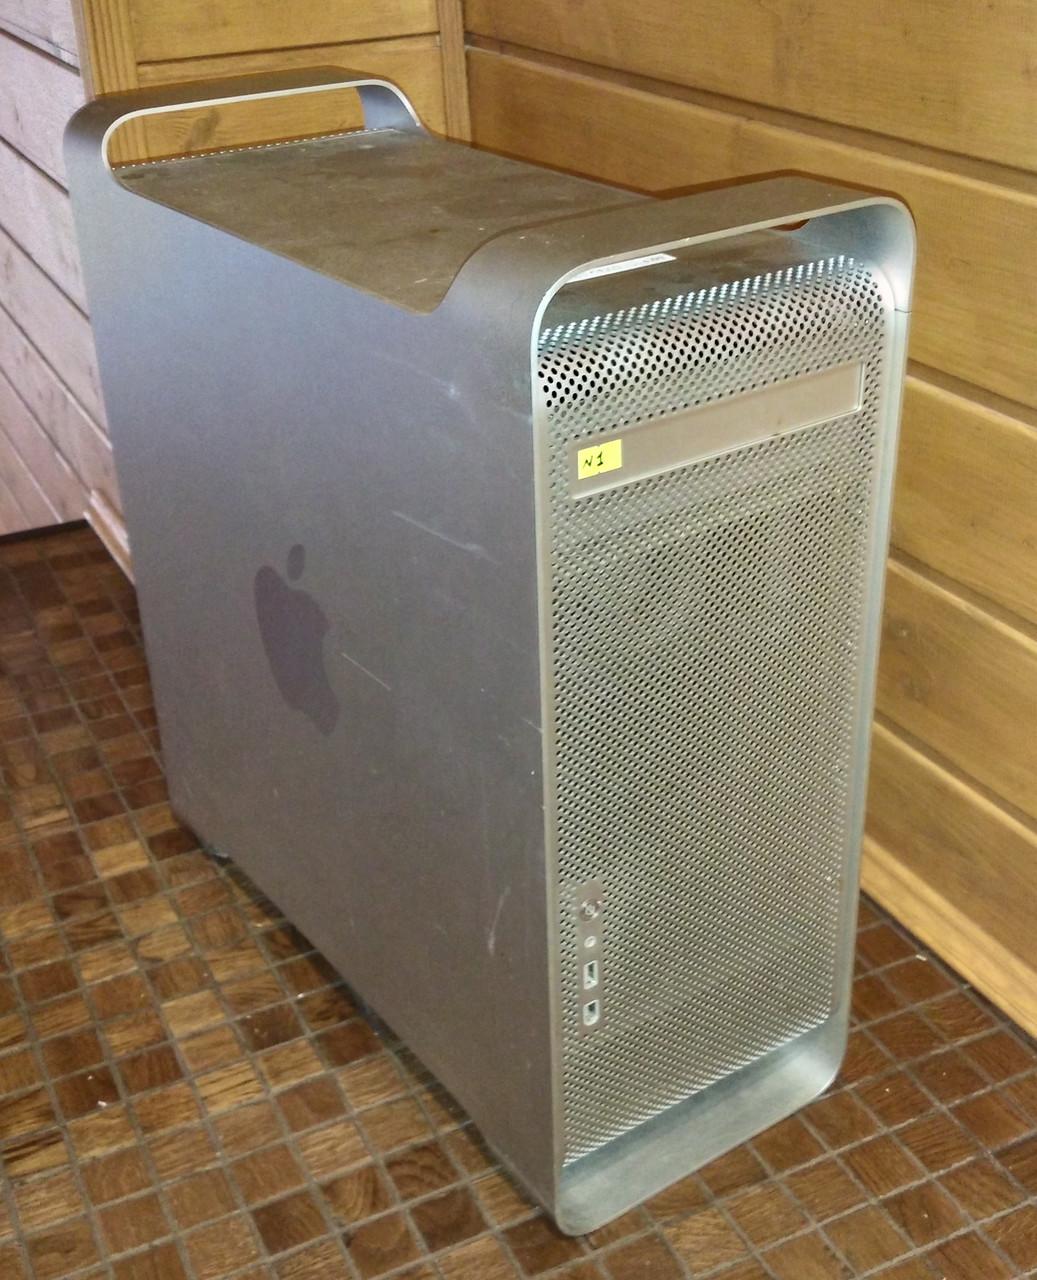 Рабочая станция Apple Power Mac G5, A1093